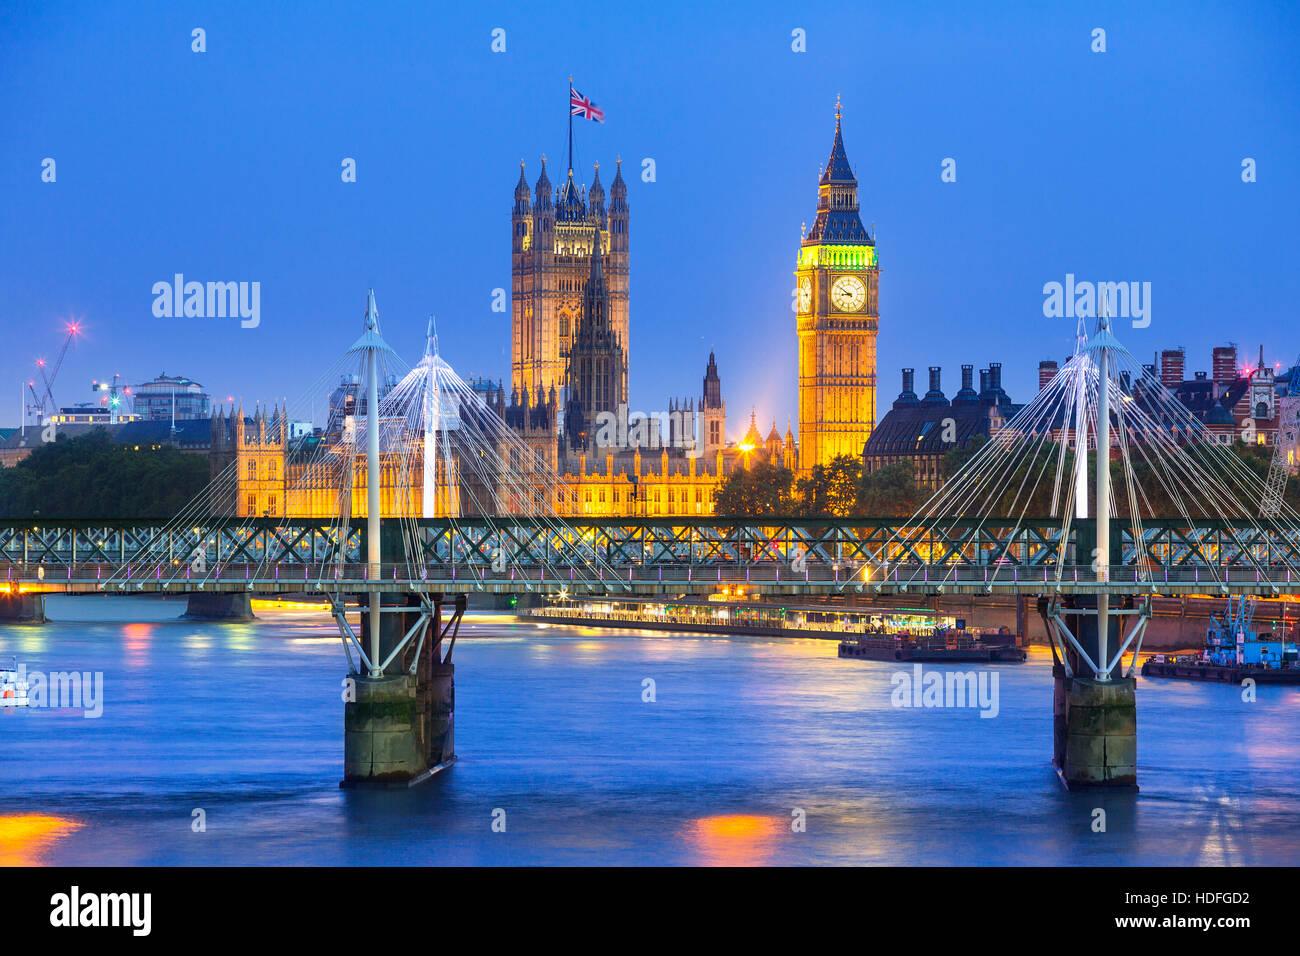 London in der Dämmerung. County Hall, Westminster Bridge, Big Ben und die Houses of Parliament. Stockbild